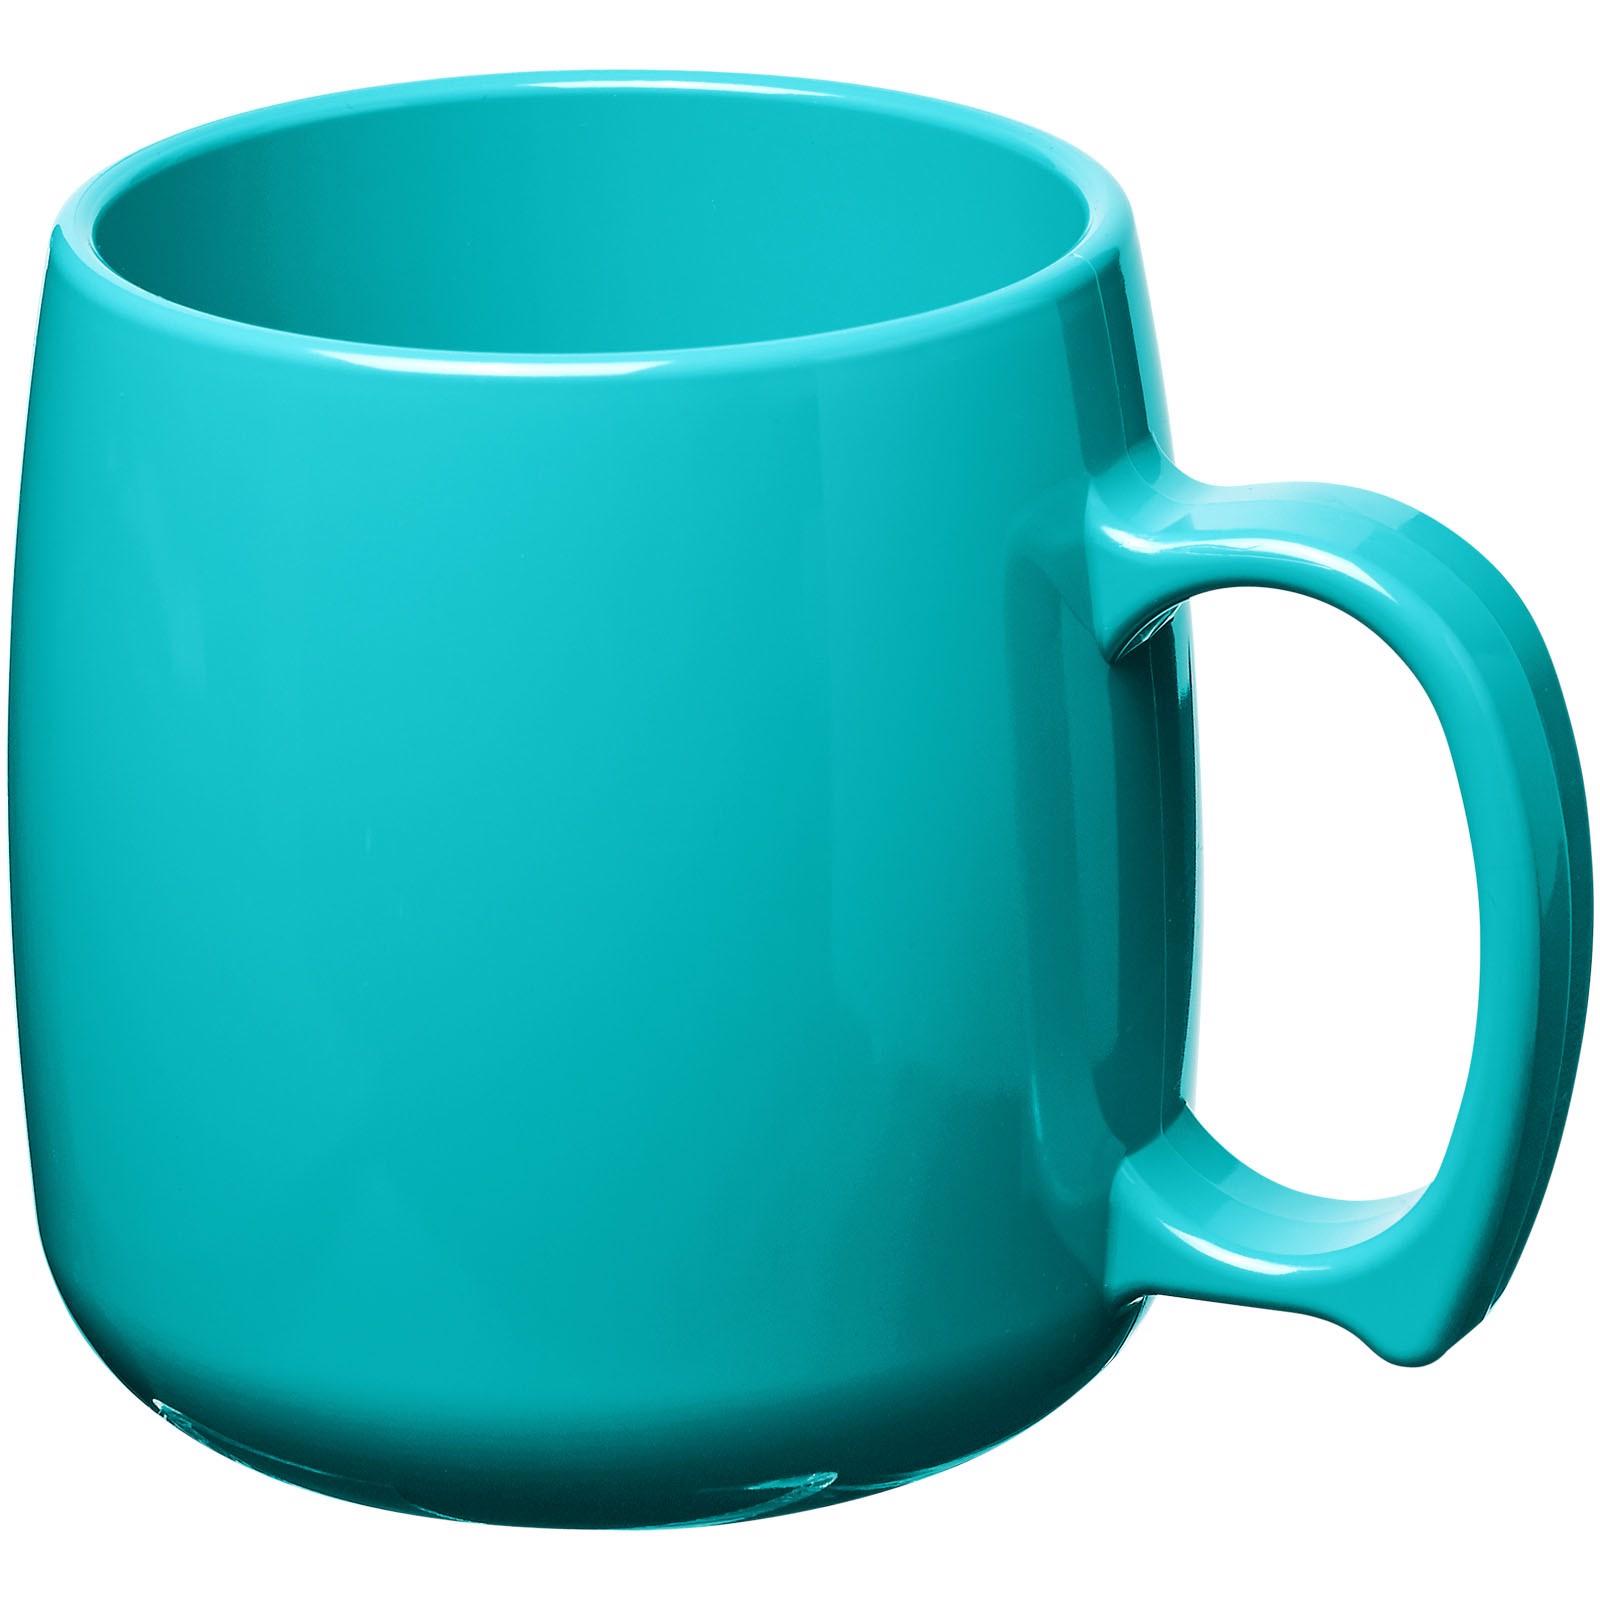 Classic 300 ml plastic mug - Aqua